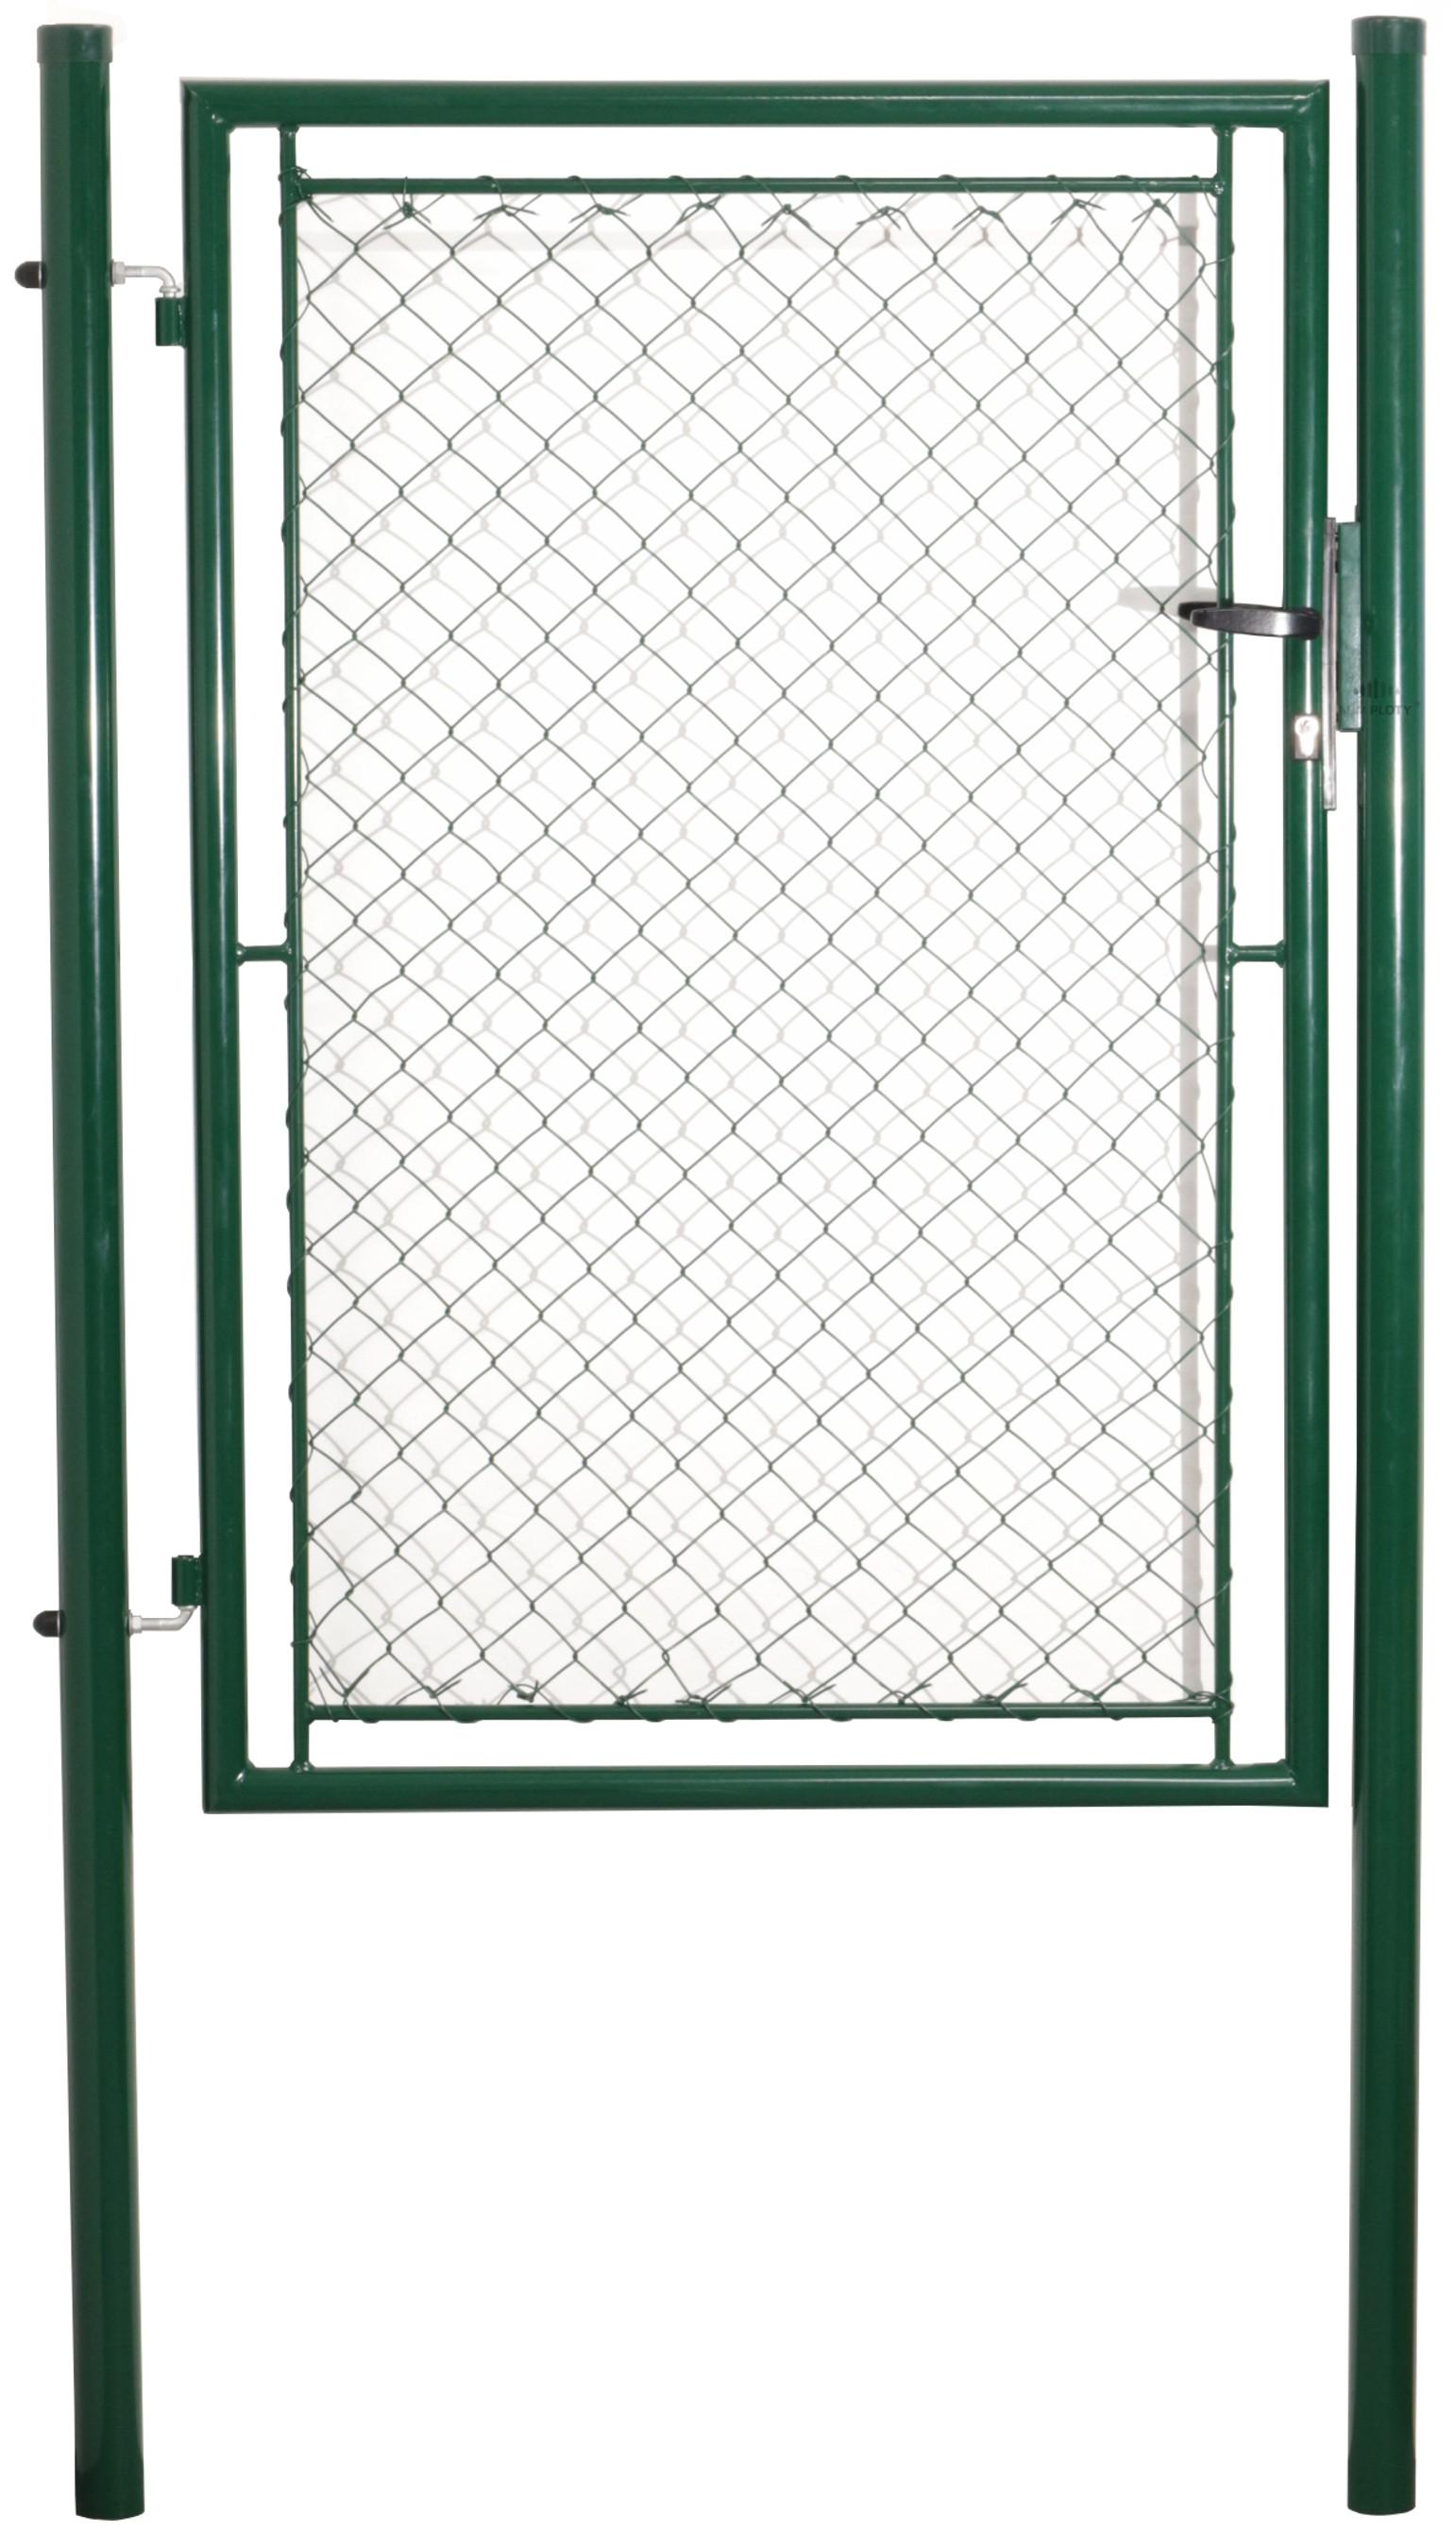 Jednokřídlá branka, pletivo, zelená, rozměry 1085x1450 mm, Zn+PVC